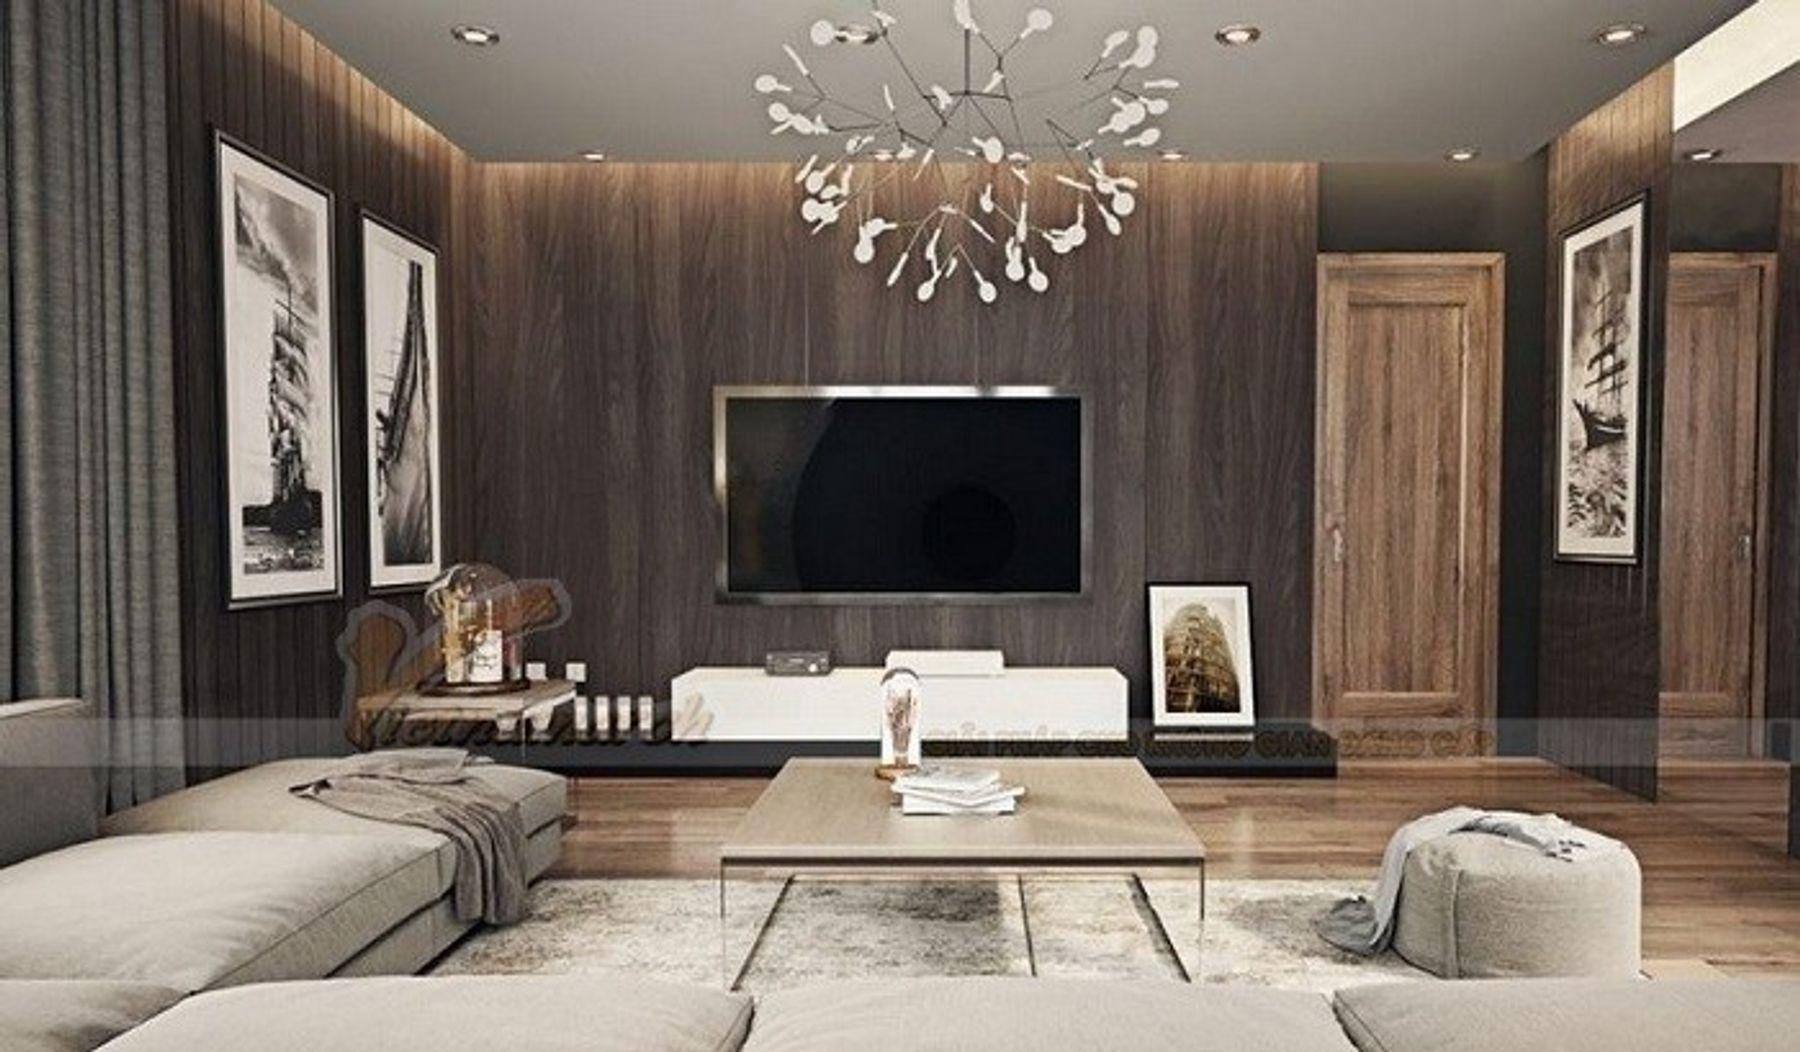 Trang trí phòng khách đơn giản với nội thất hiện đại